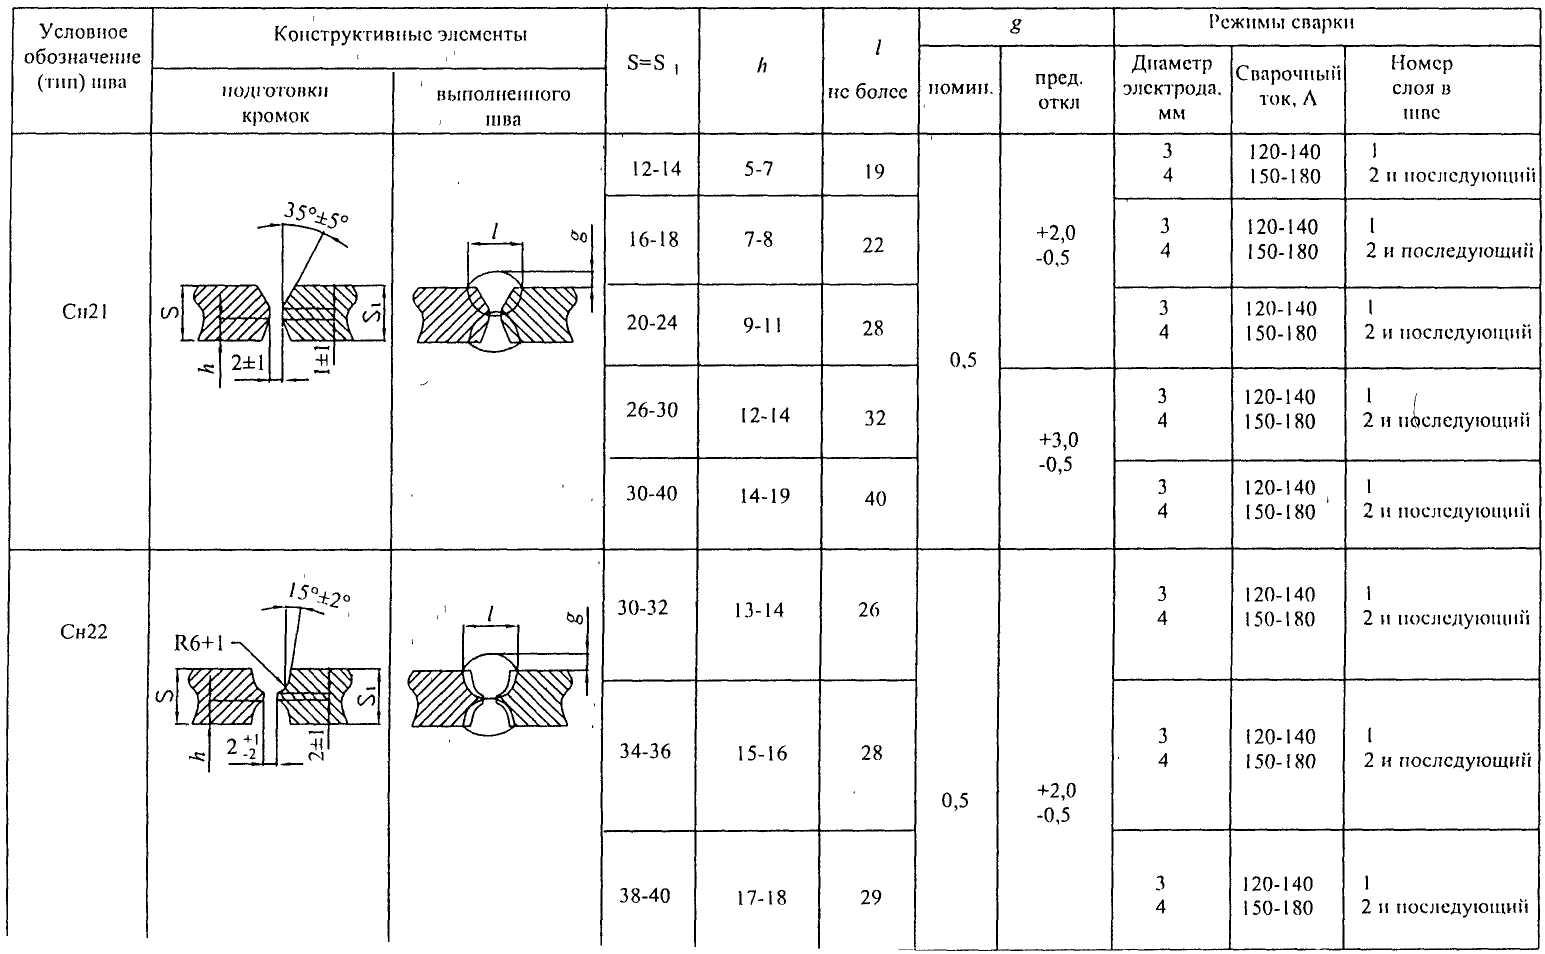 Обозначение сварки на чертежах по гост: примеры и расшифровка таблицы